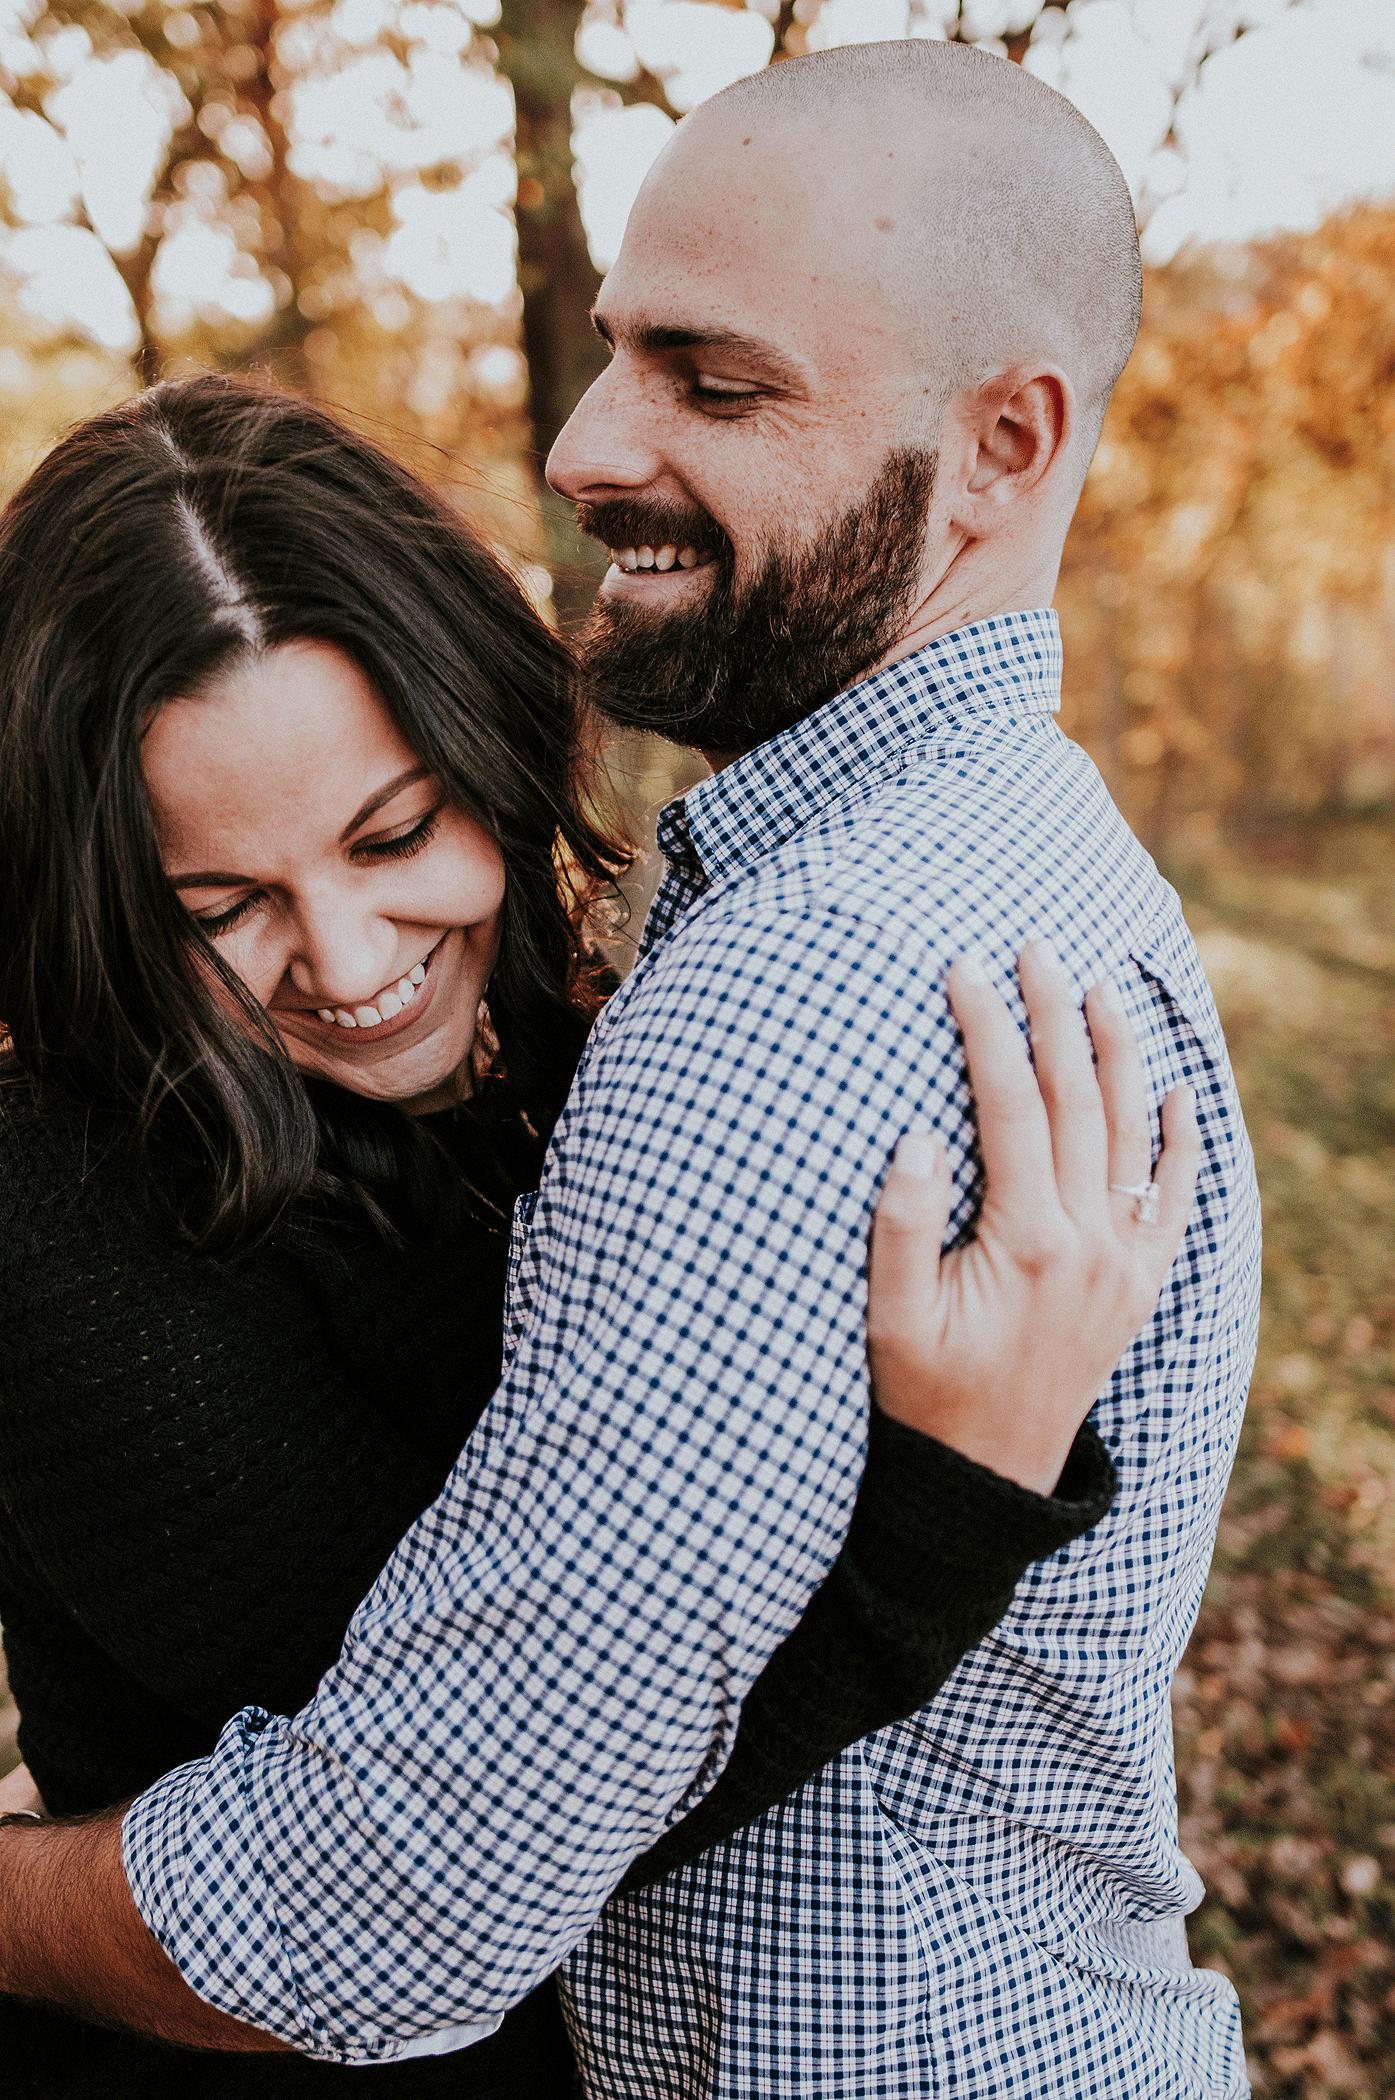 Phil-and-Tara(Engaged)-029.png